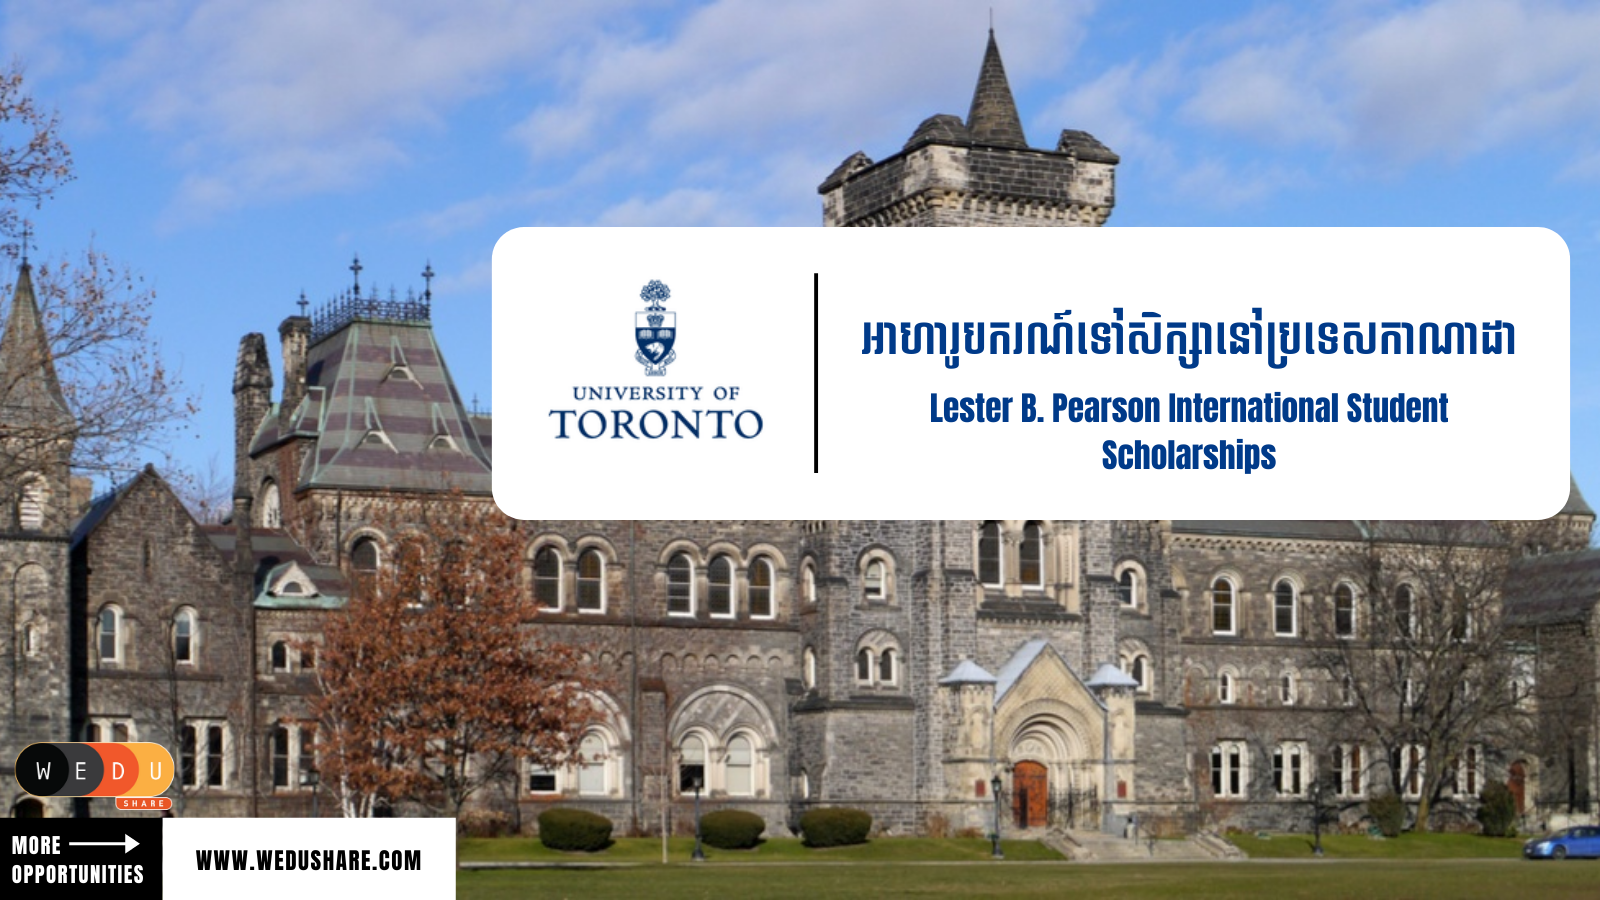 Lester B. Pearson International Student Scholarships